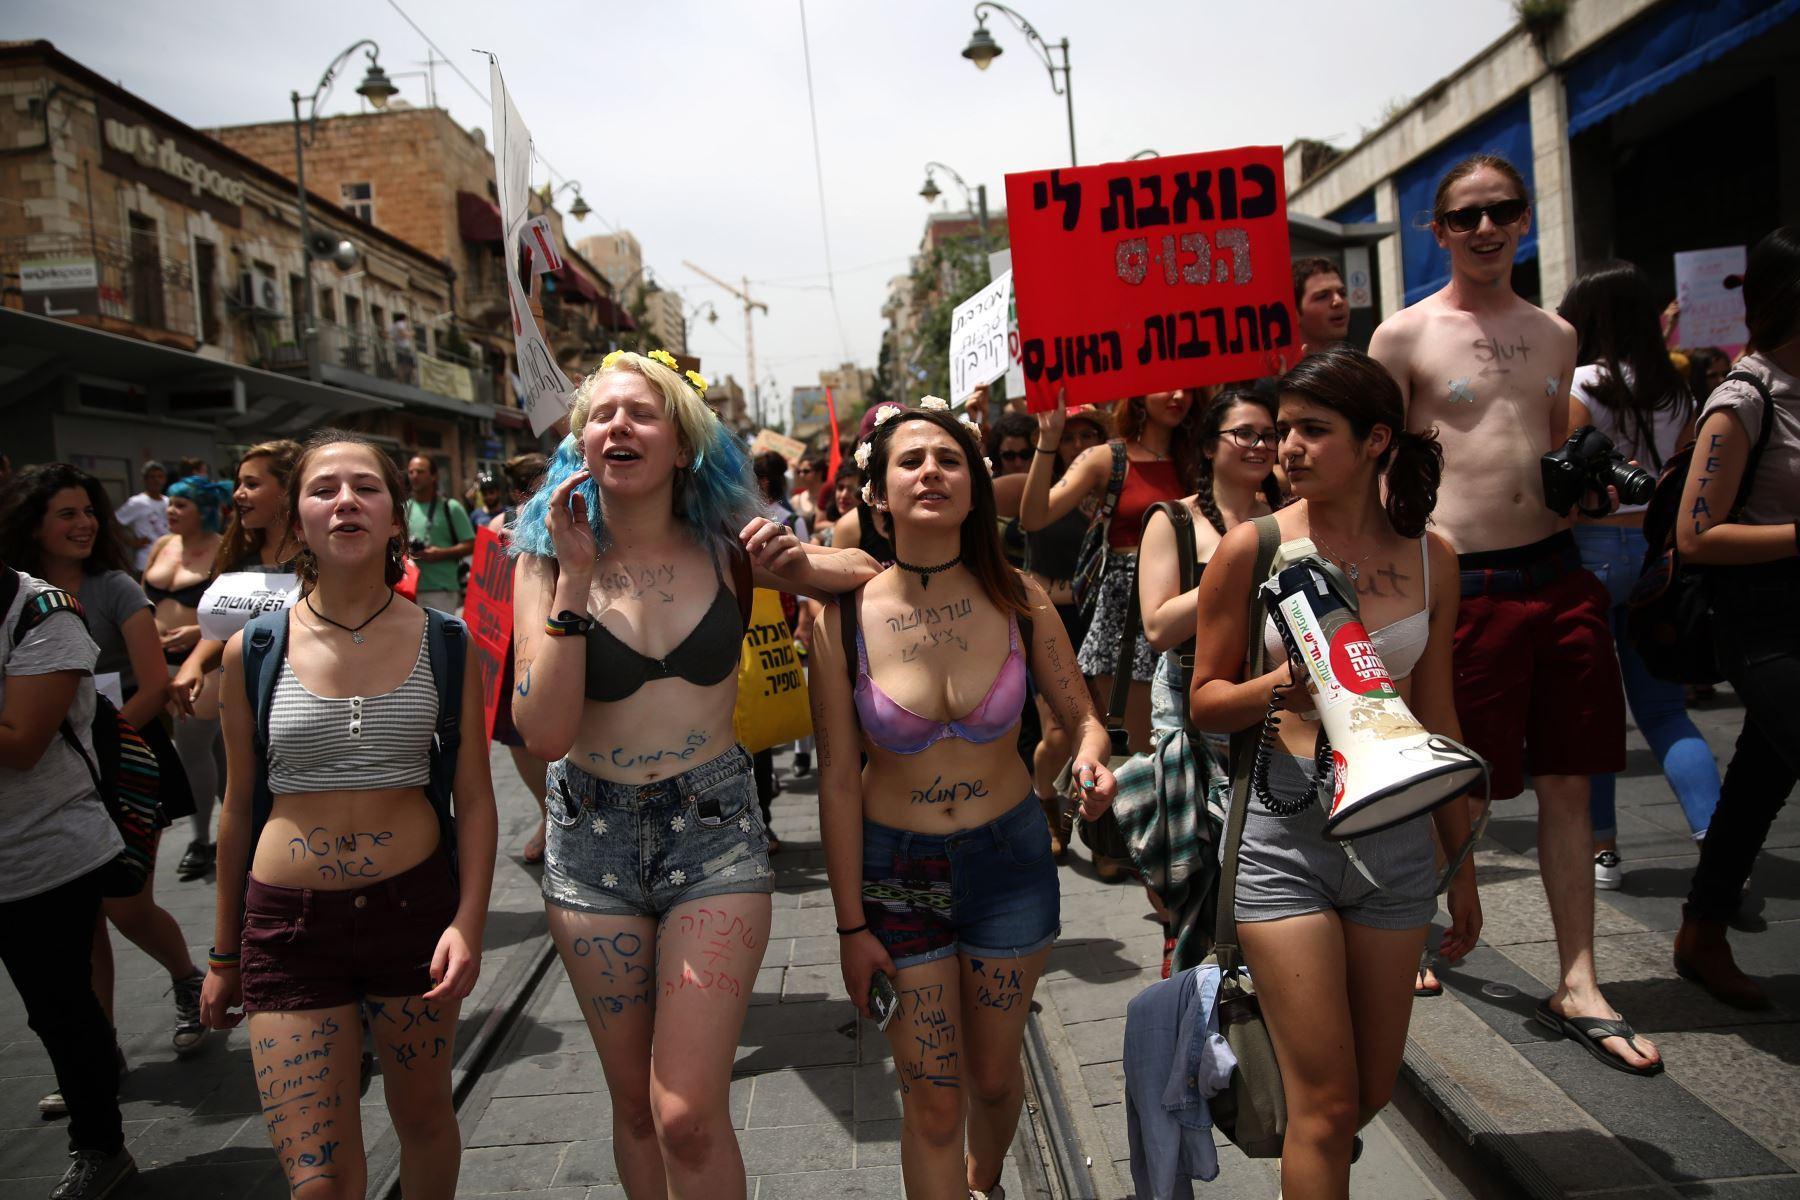 noticias feministas amsterdam prostitutas